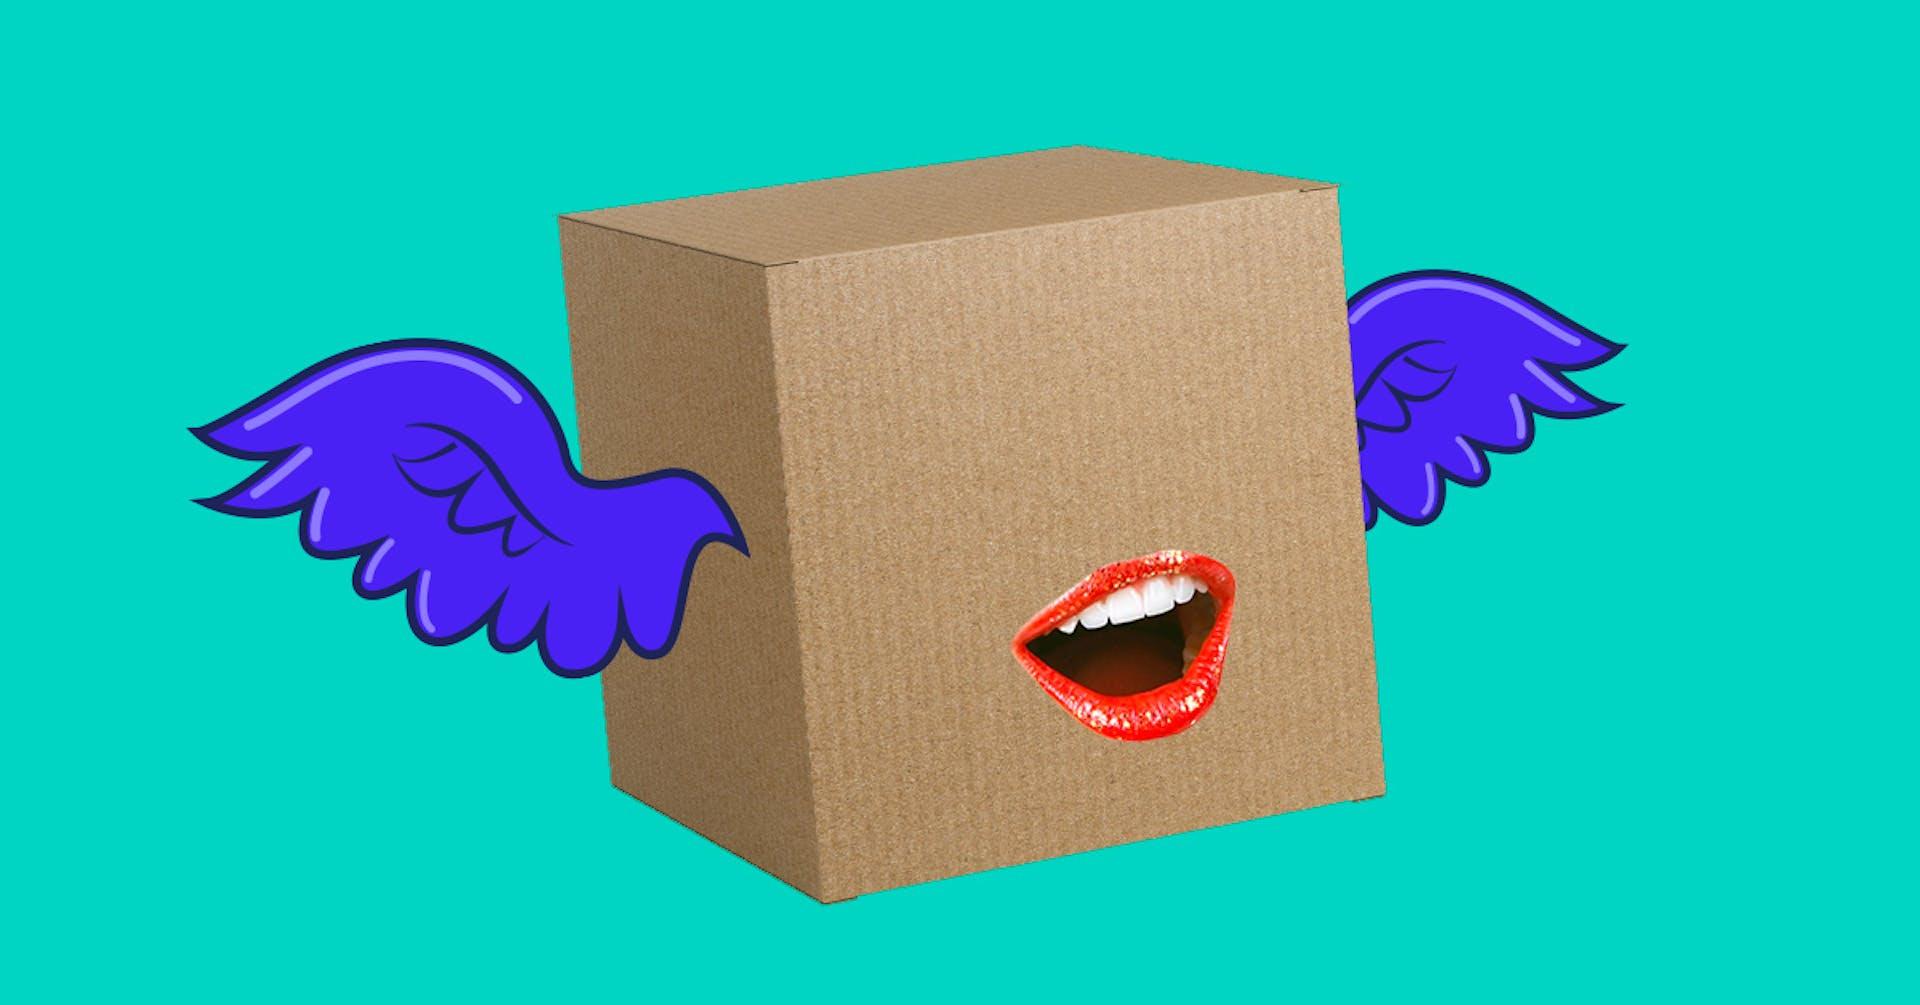 Cómo hacer envíos: ¡Tips para distribuir productos con éxito!